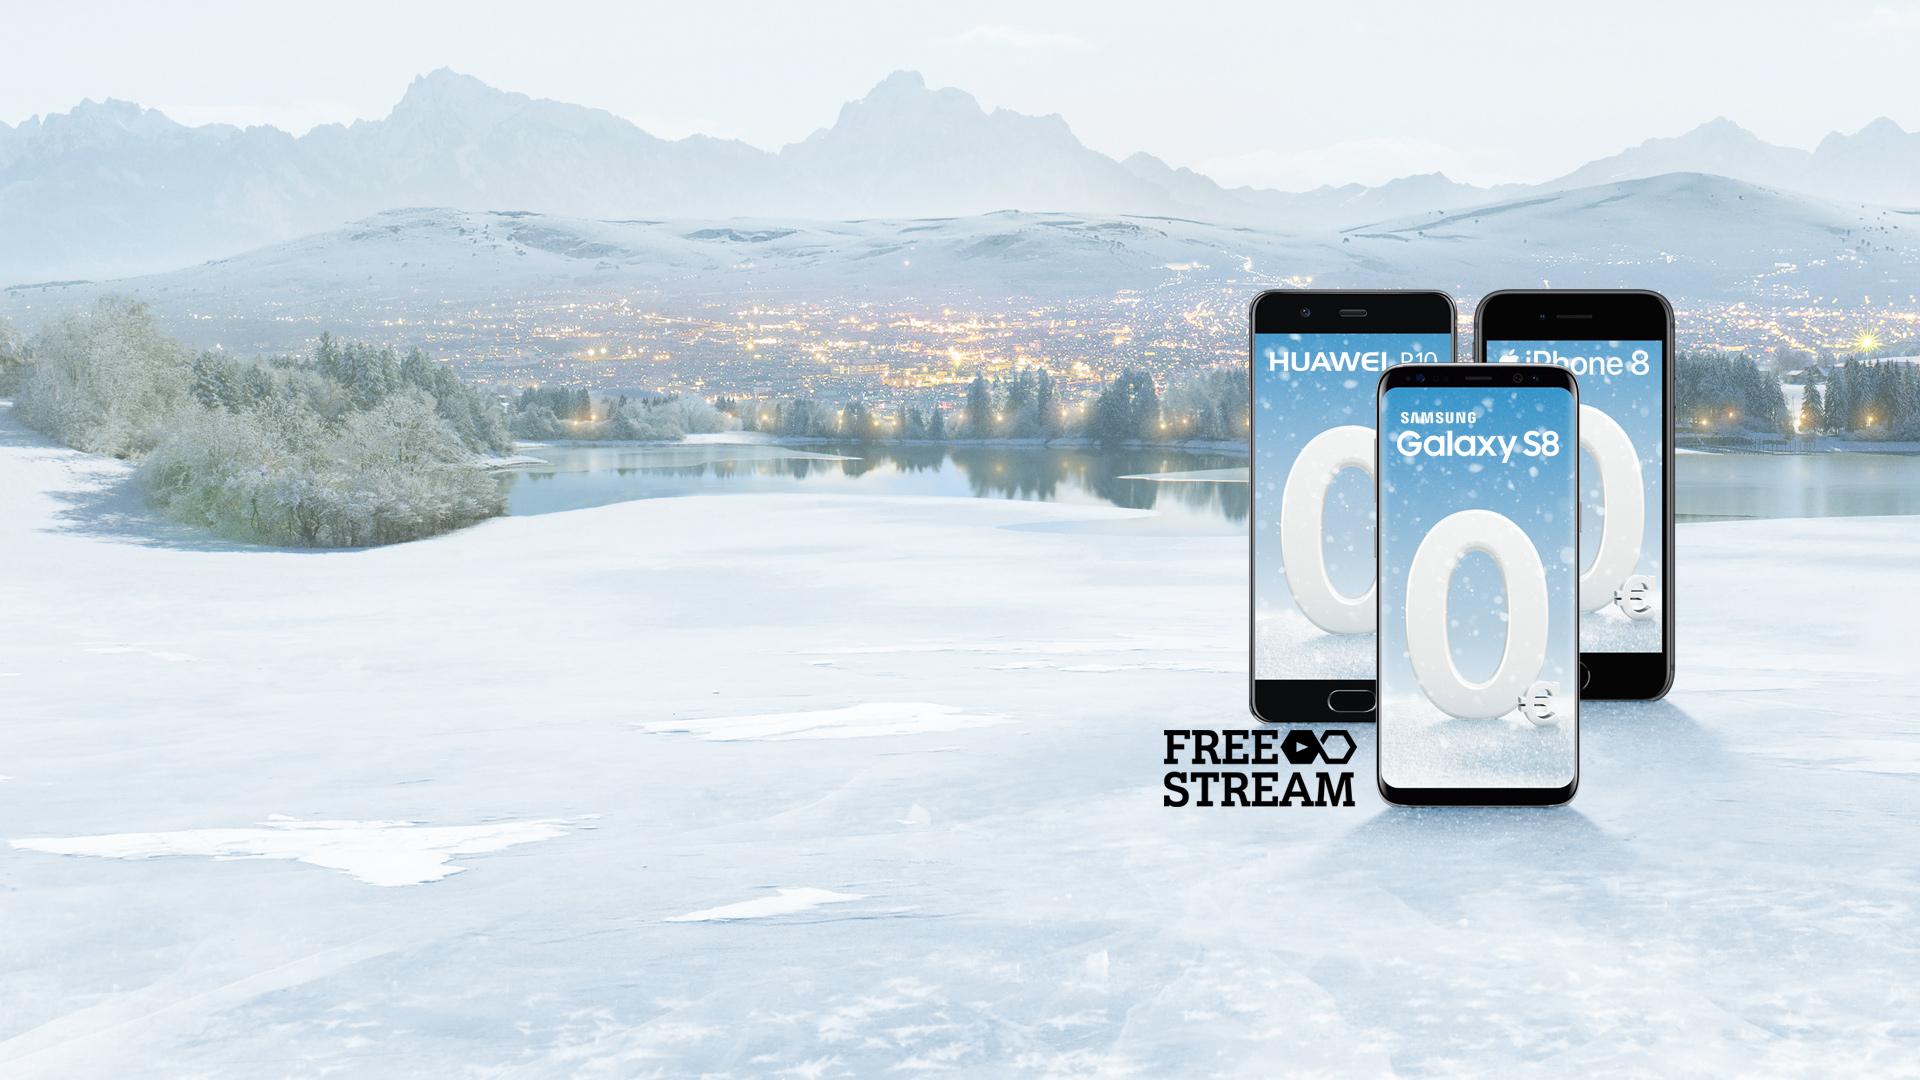 Samsung Galaxy S8 mit gratis Aktivierung und Free Stream Logo auf winterlichem Hintergrund